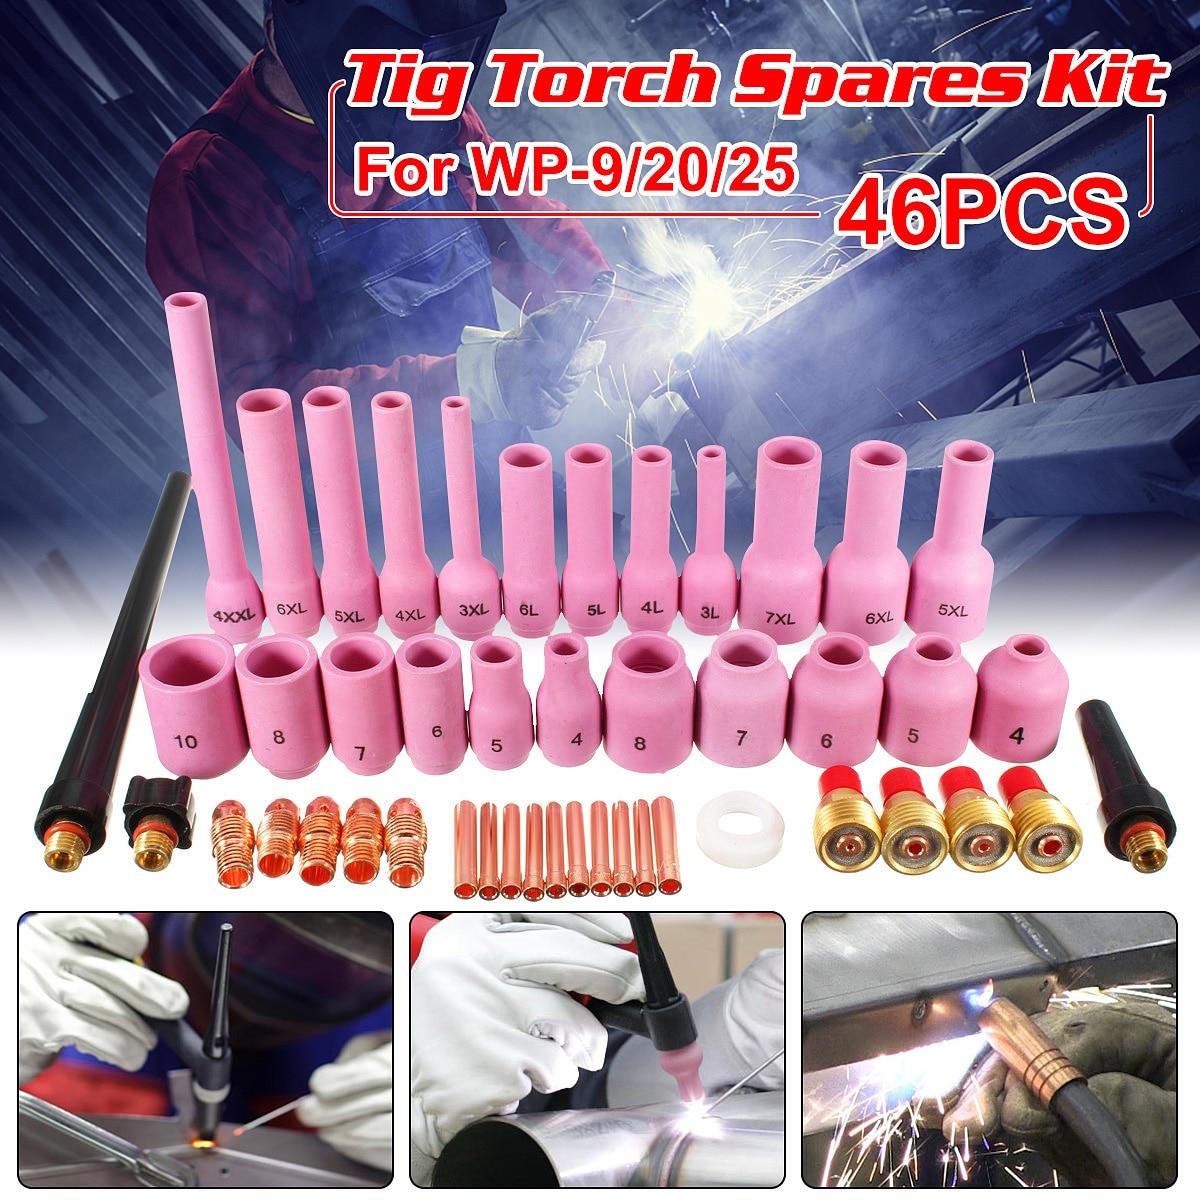 46 stücke TIG Gas Objektiv Collet Assorted Größe Kit Für Wig-schweißbrenner SR WP9 20 25 Wig-schweißen fackeln Werkzeuge Set